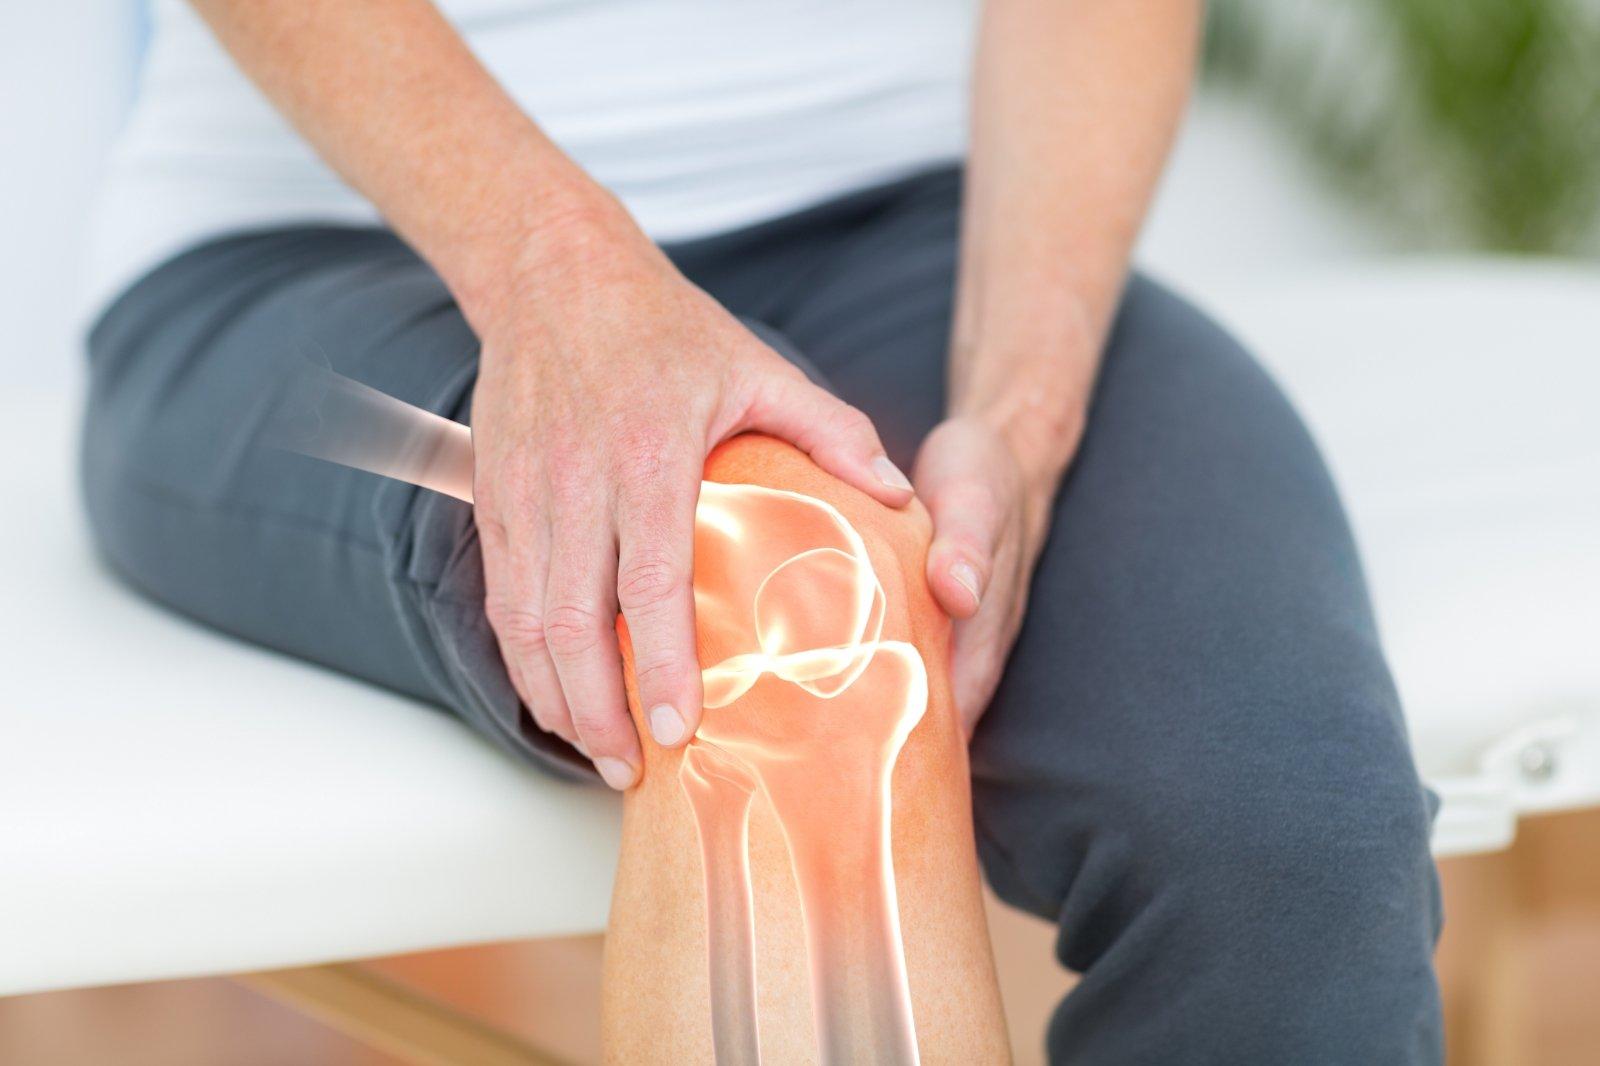 sąnarių skausmas po klasę efektyvus tepalas į artritu rankas